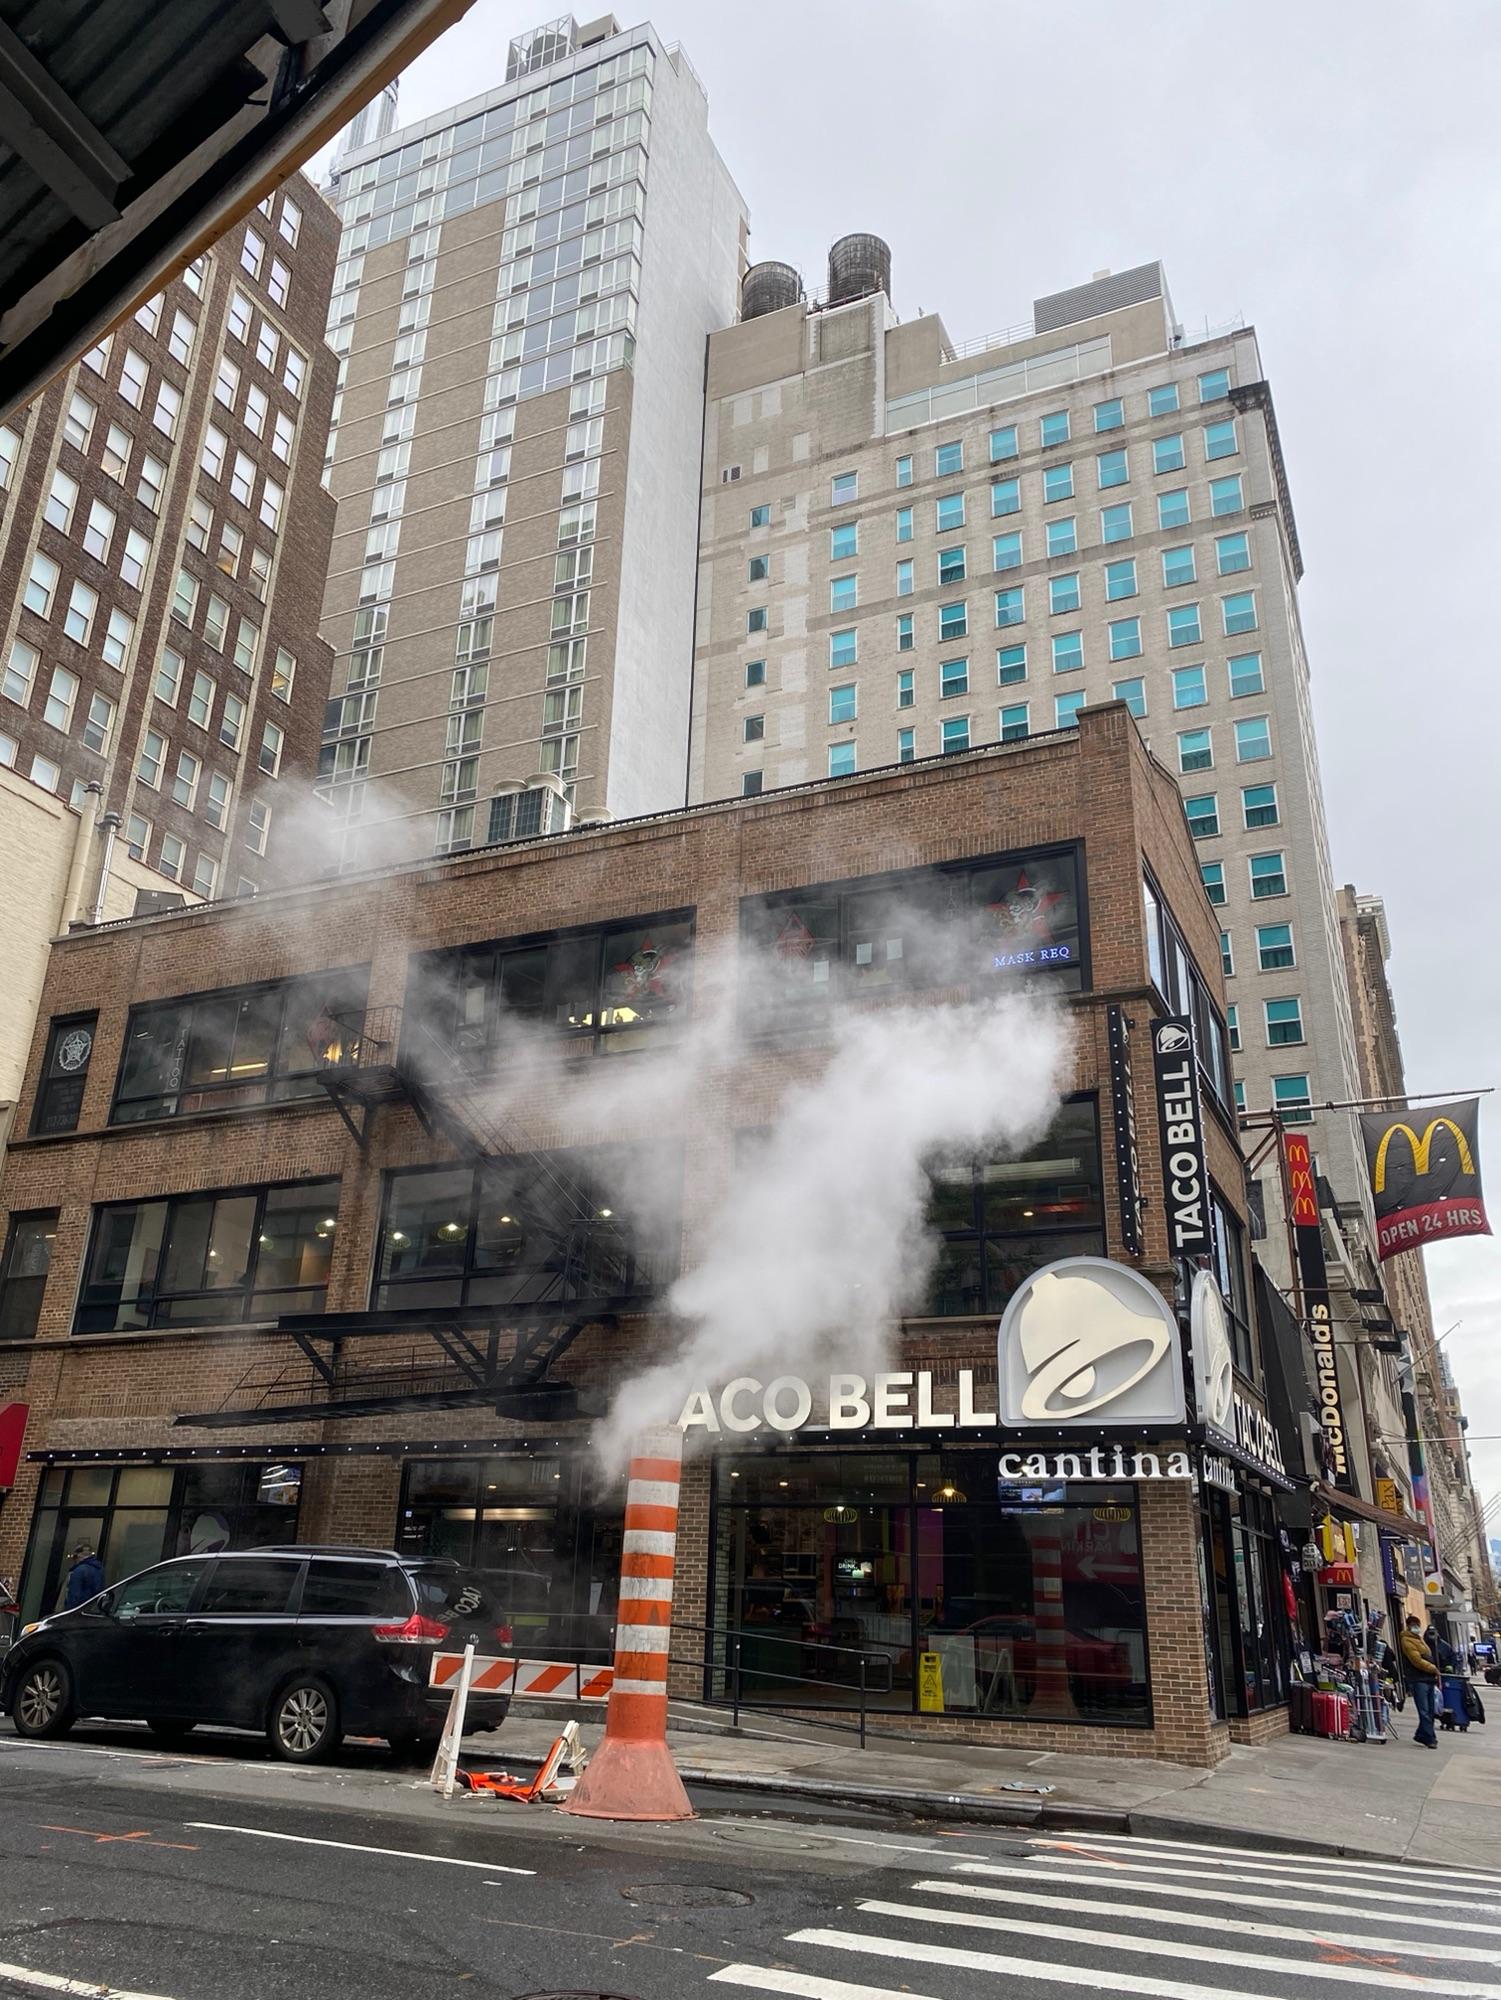 Вот такие трубы с паром часто встречаются на улицах Манхеттена, кстати. Что- то у них не так с паровым отпоплением, видать. Любят они поддать парку.